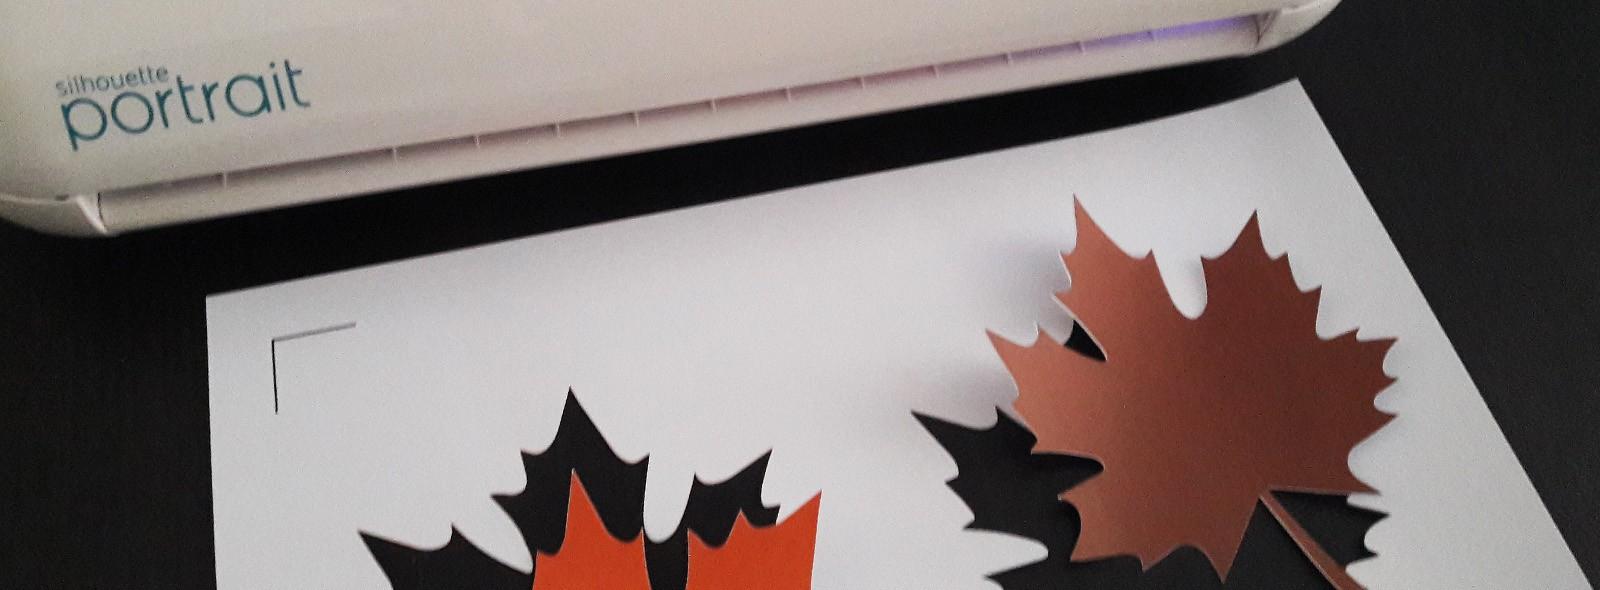 J'ai Testé La Silhouette Portrait 2 - La Tanière De Kyban avec Papier Plastifié Imprimable